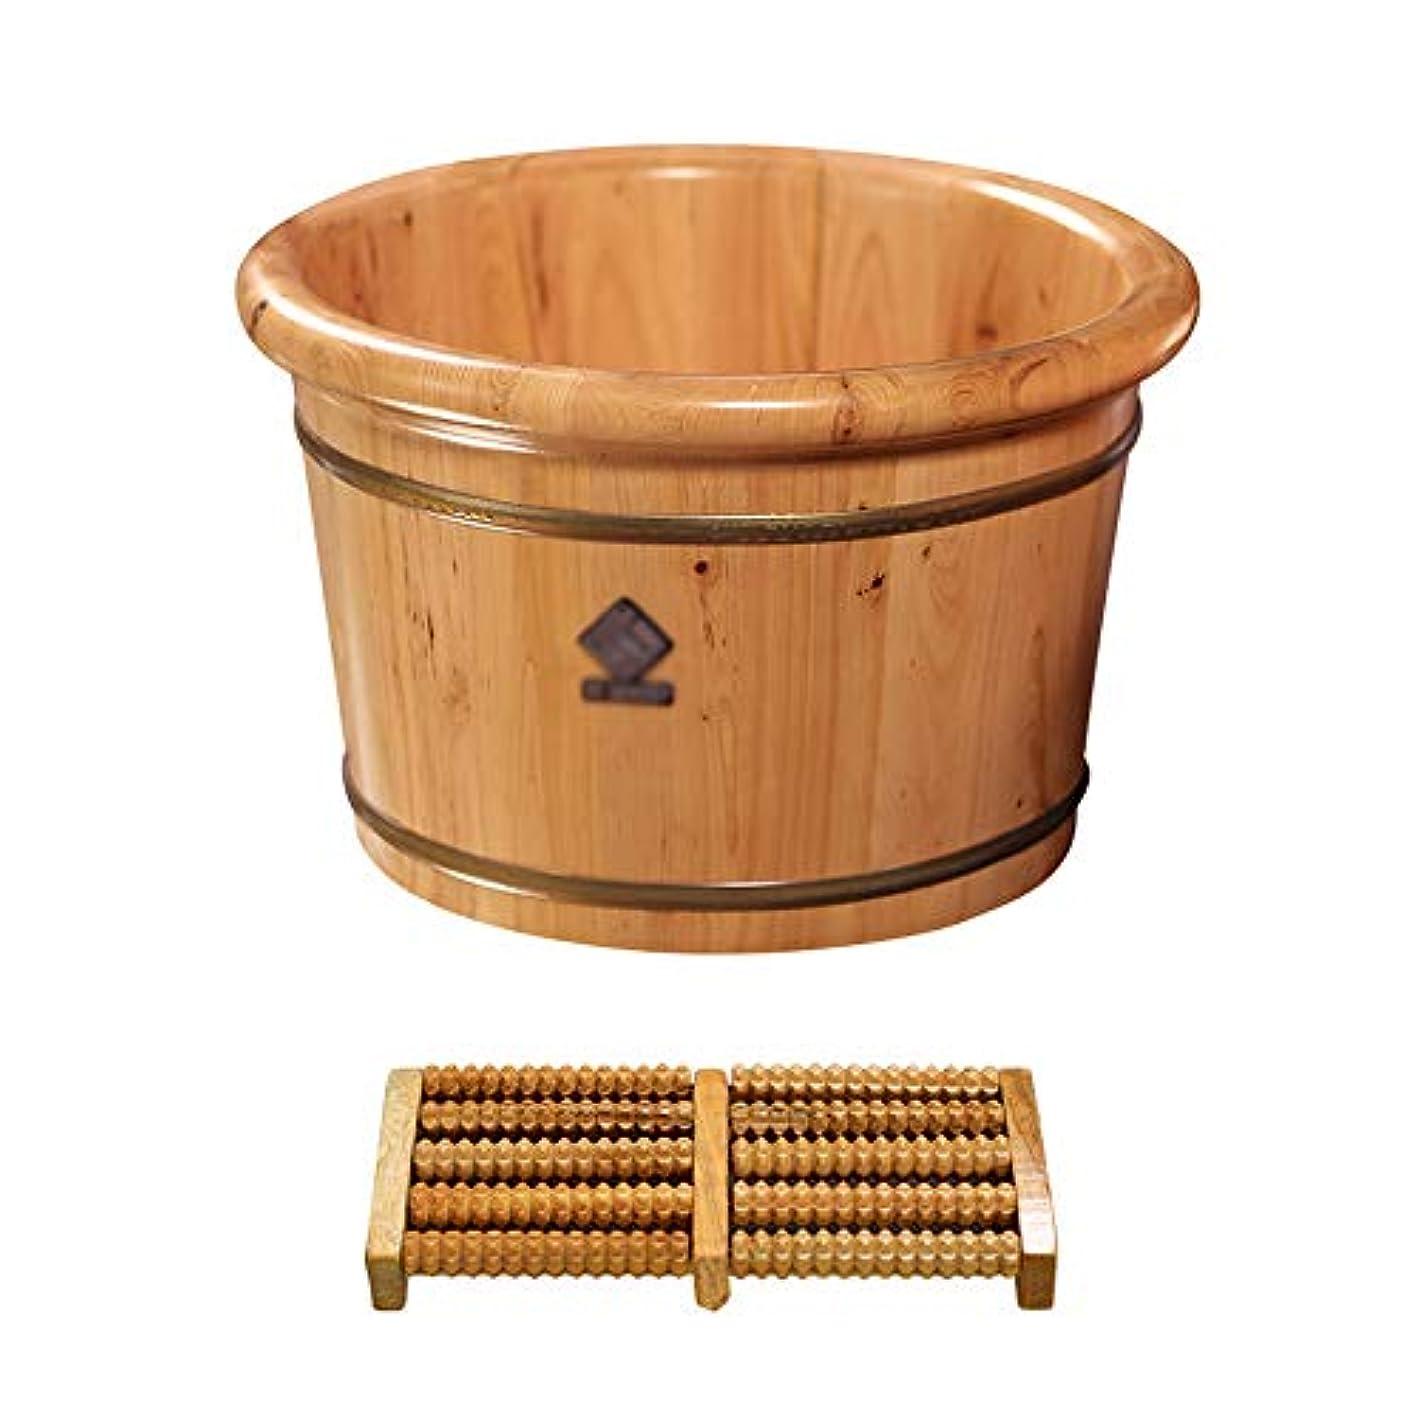 うれしいファーザーファージュベストヒマラヤスギ足浴バレル、厚くした足浴バレル、家庭用足浴、小さな浴槽、木製足浴バレル,E